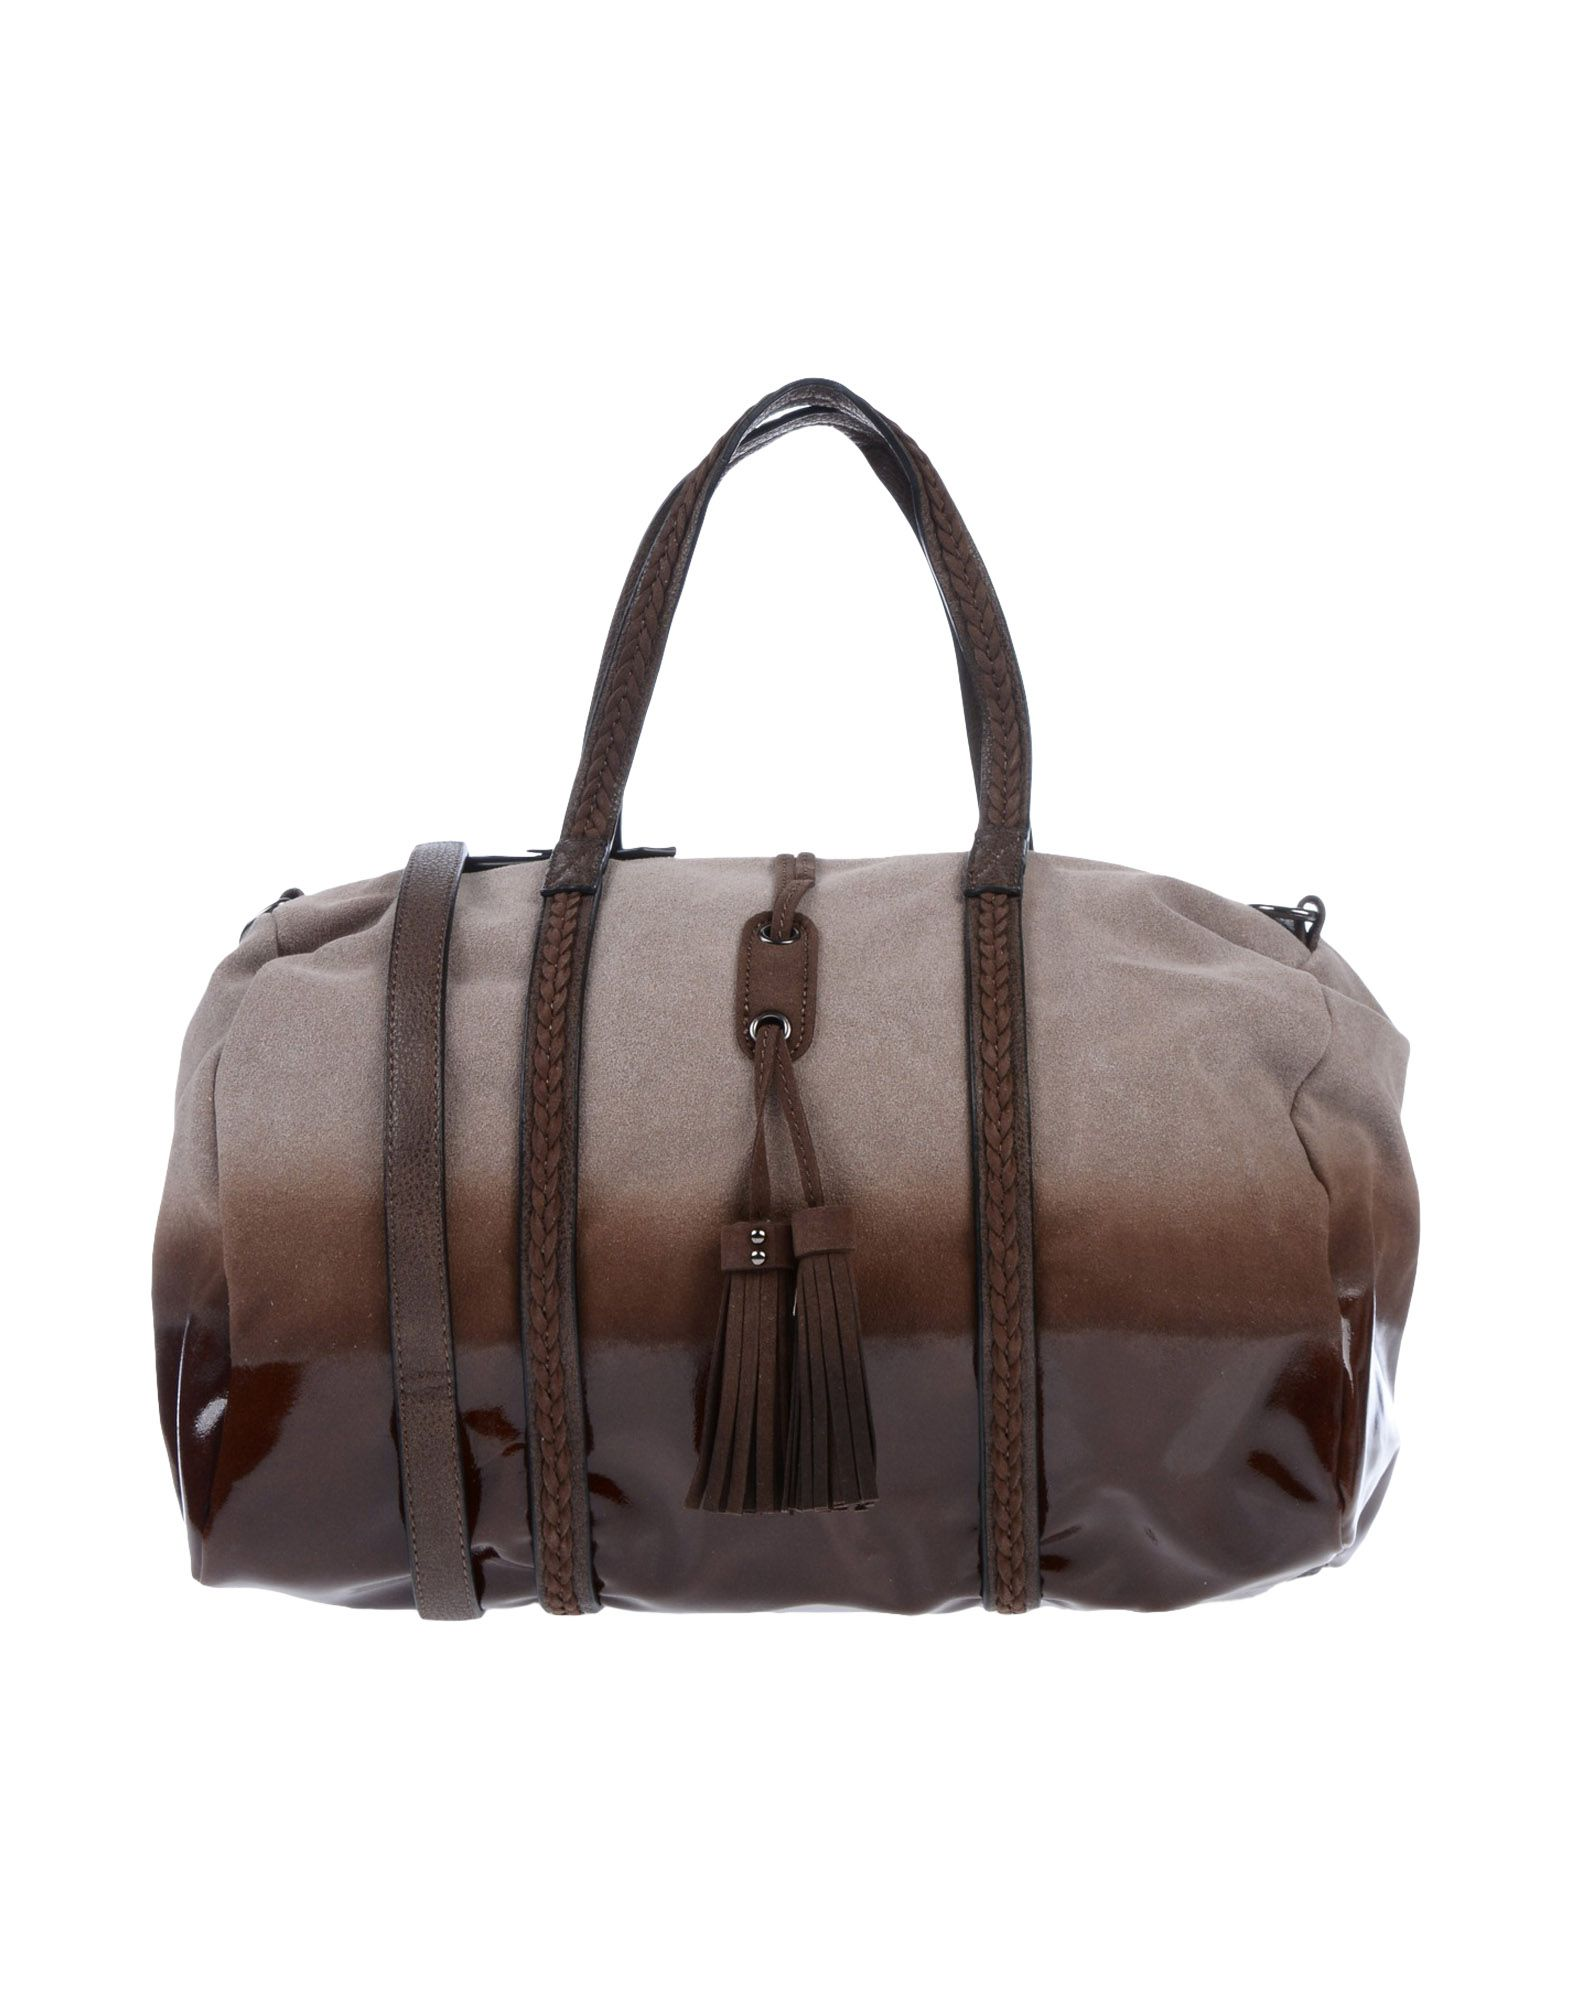 12a8a3a7368ca Tsd12 Handtasche Damen - Handtaschen Tsd12 auf YOOX - 45426530CE